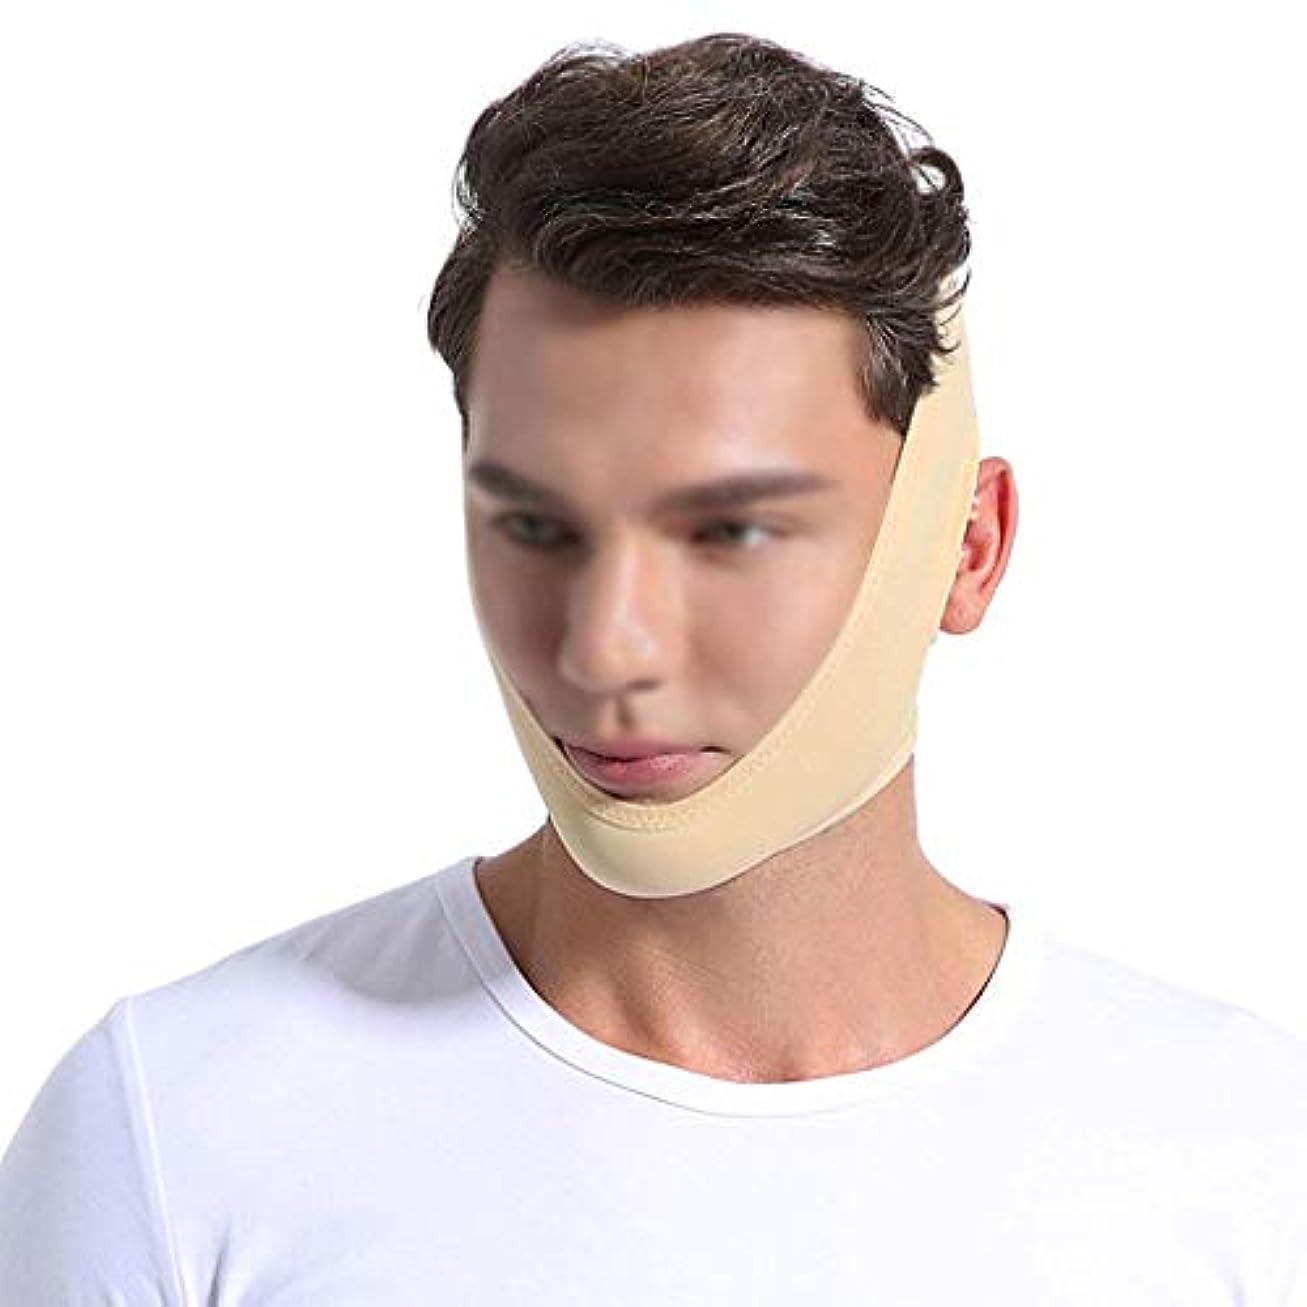 失業アクティビティ騒乱は医療用ワイヤーカービングの後で持ち上がるマスクを再開します、人および女性の顔の伸縮性がある包帯のヘッドギア結ばれた小さいVの表面薄い表面マスク